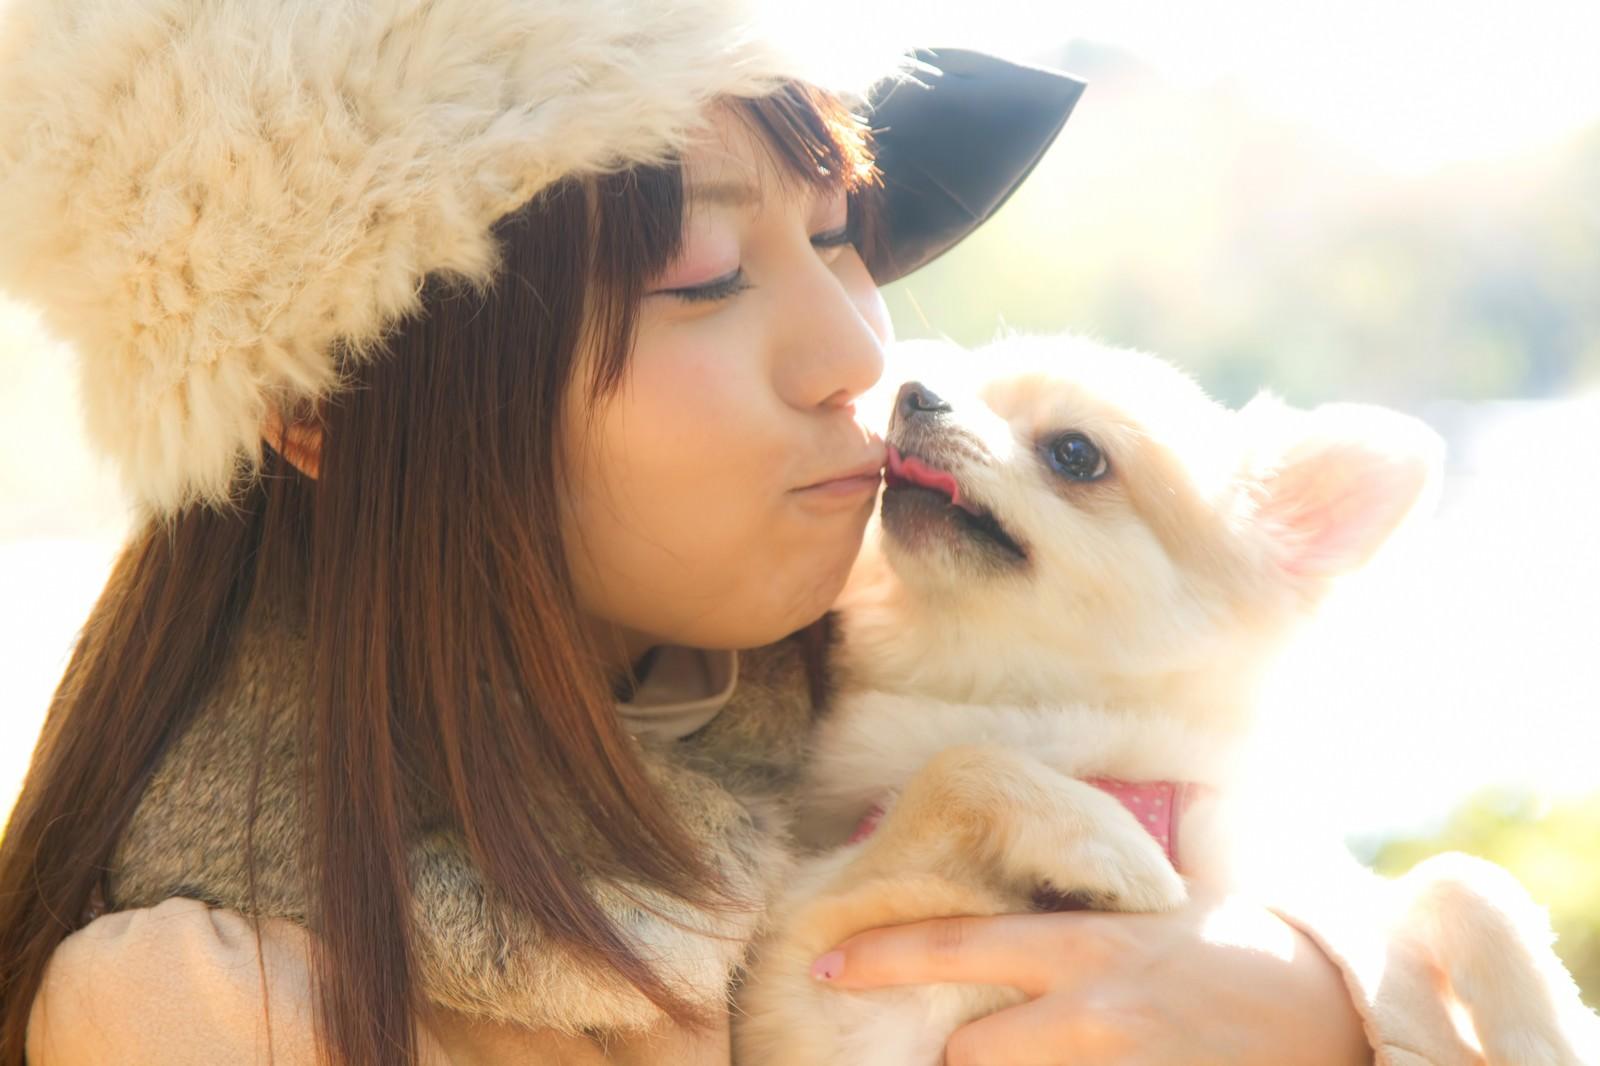 「犬とキス(チュー)する可愛い女の子犬とキス(チュー)する可愛い女の子」[モデル:Lala]のフリー写真素材を拡大